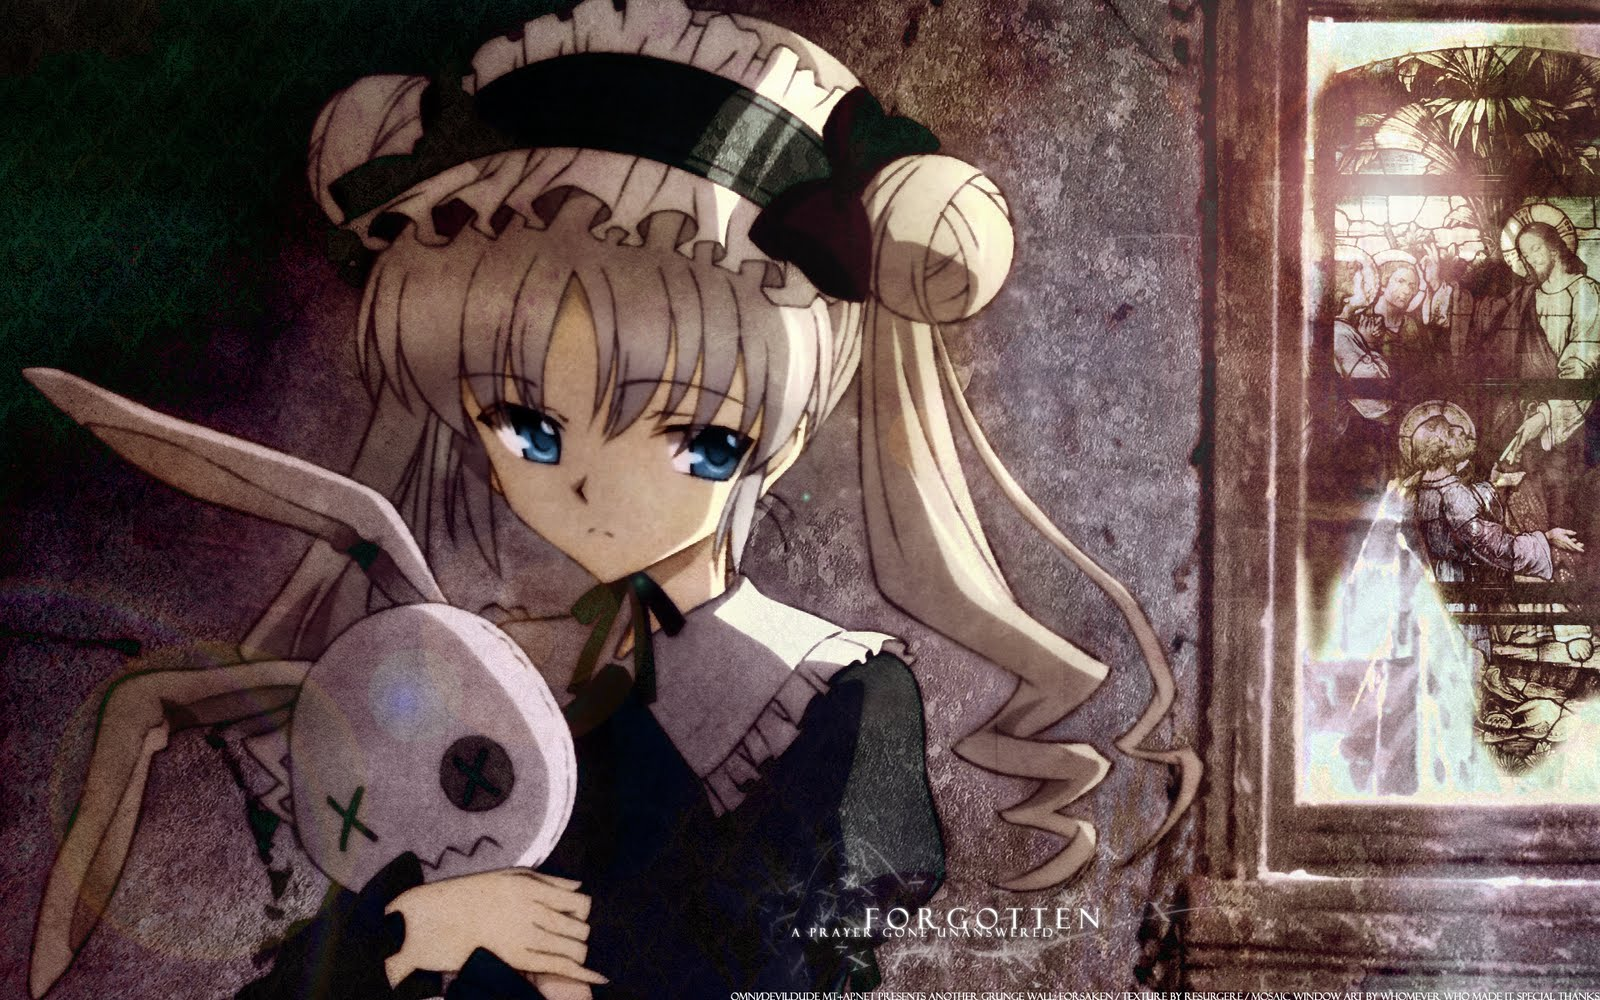 Anime dark angel girl 19 anime wallpaper - Dark anime girl pics ...